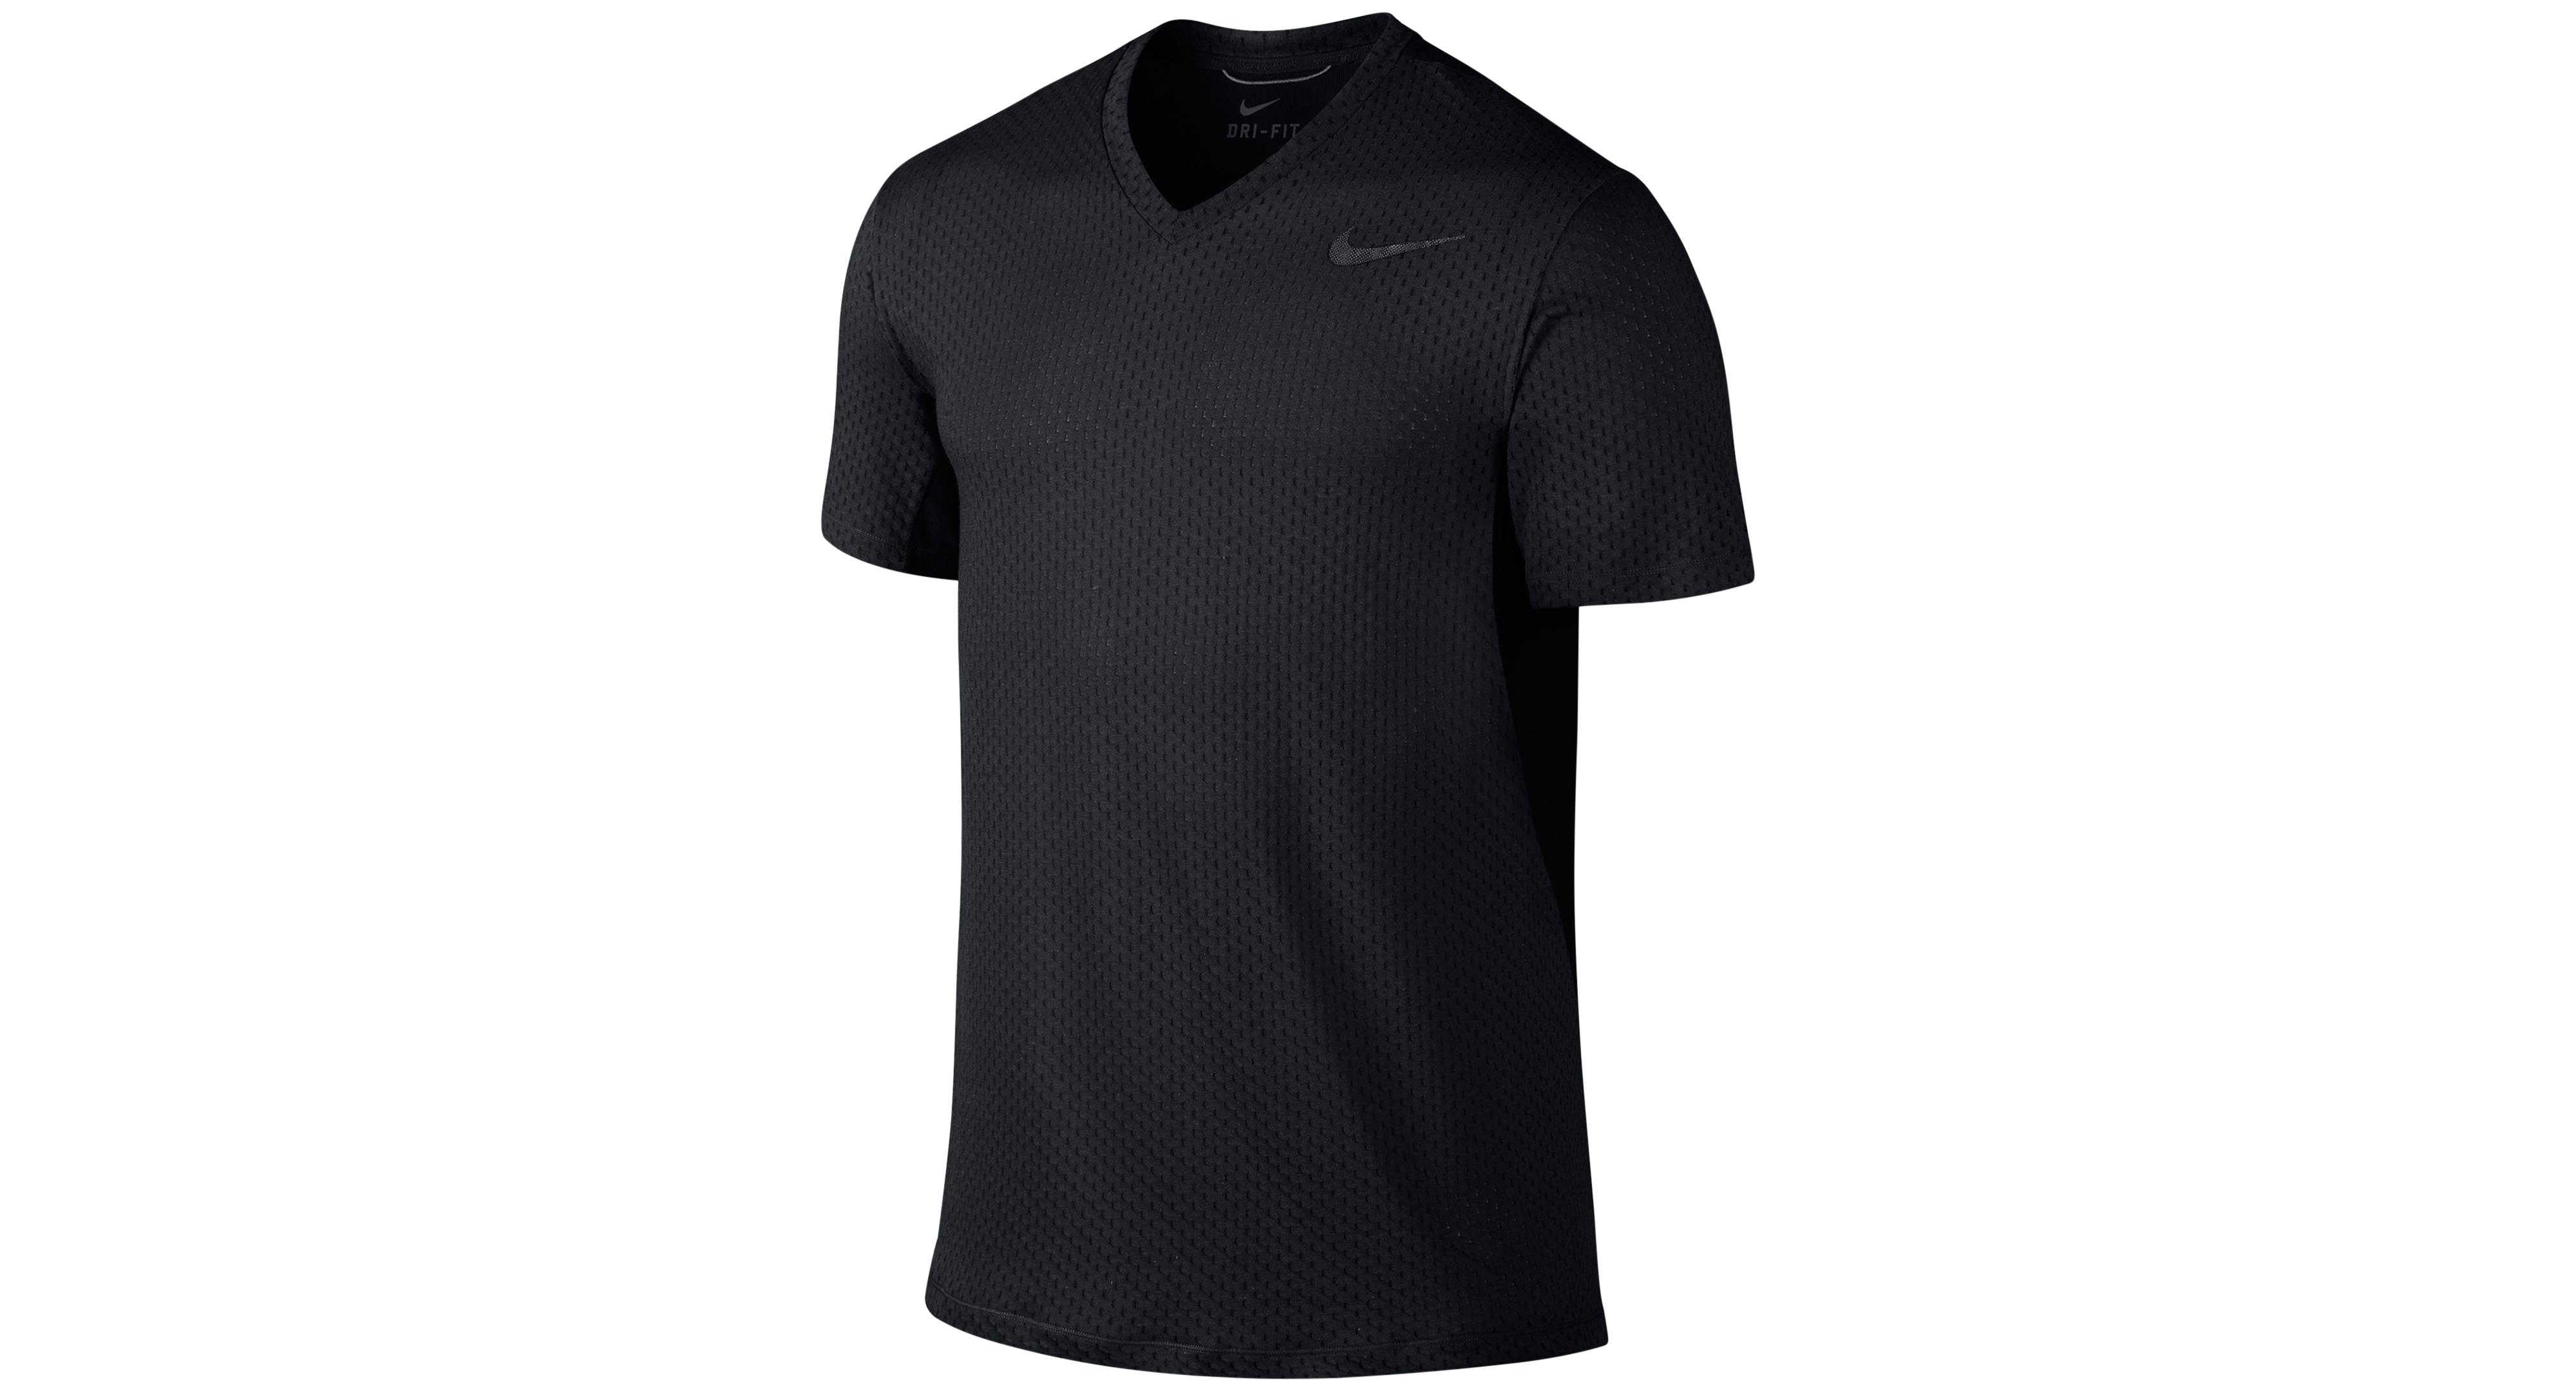 Nike Cool Dri-fit V-Neck Training T-Shirt